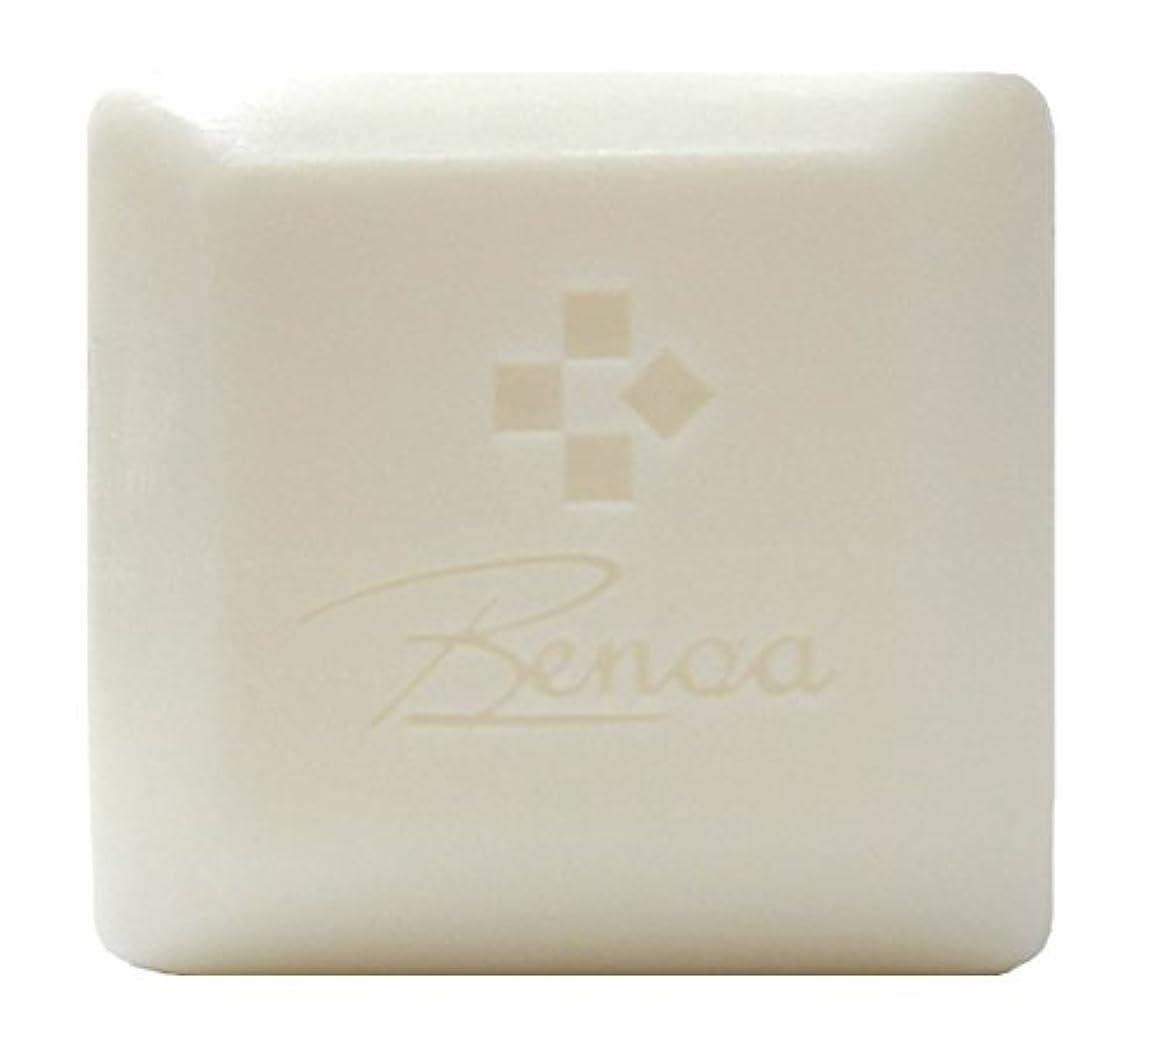 何もない傷跡管理する馬油ソープ ベノア 洗顔石鹸 80g